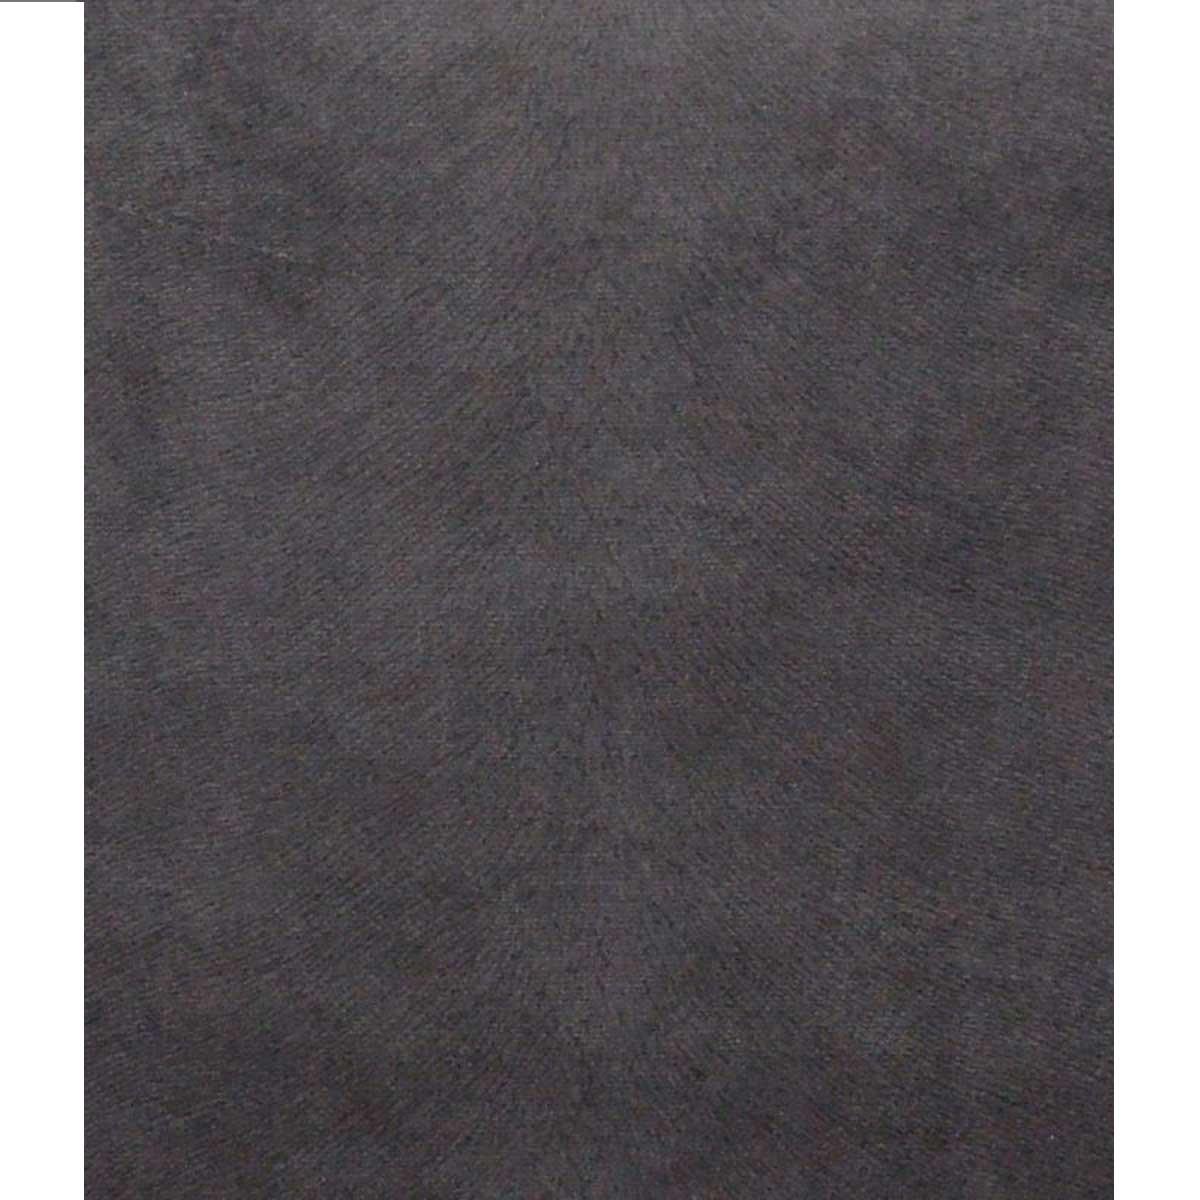 Tissu velours à effet peau d'éléphant - Gris - 1.4 m